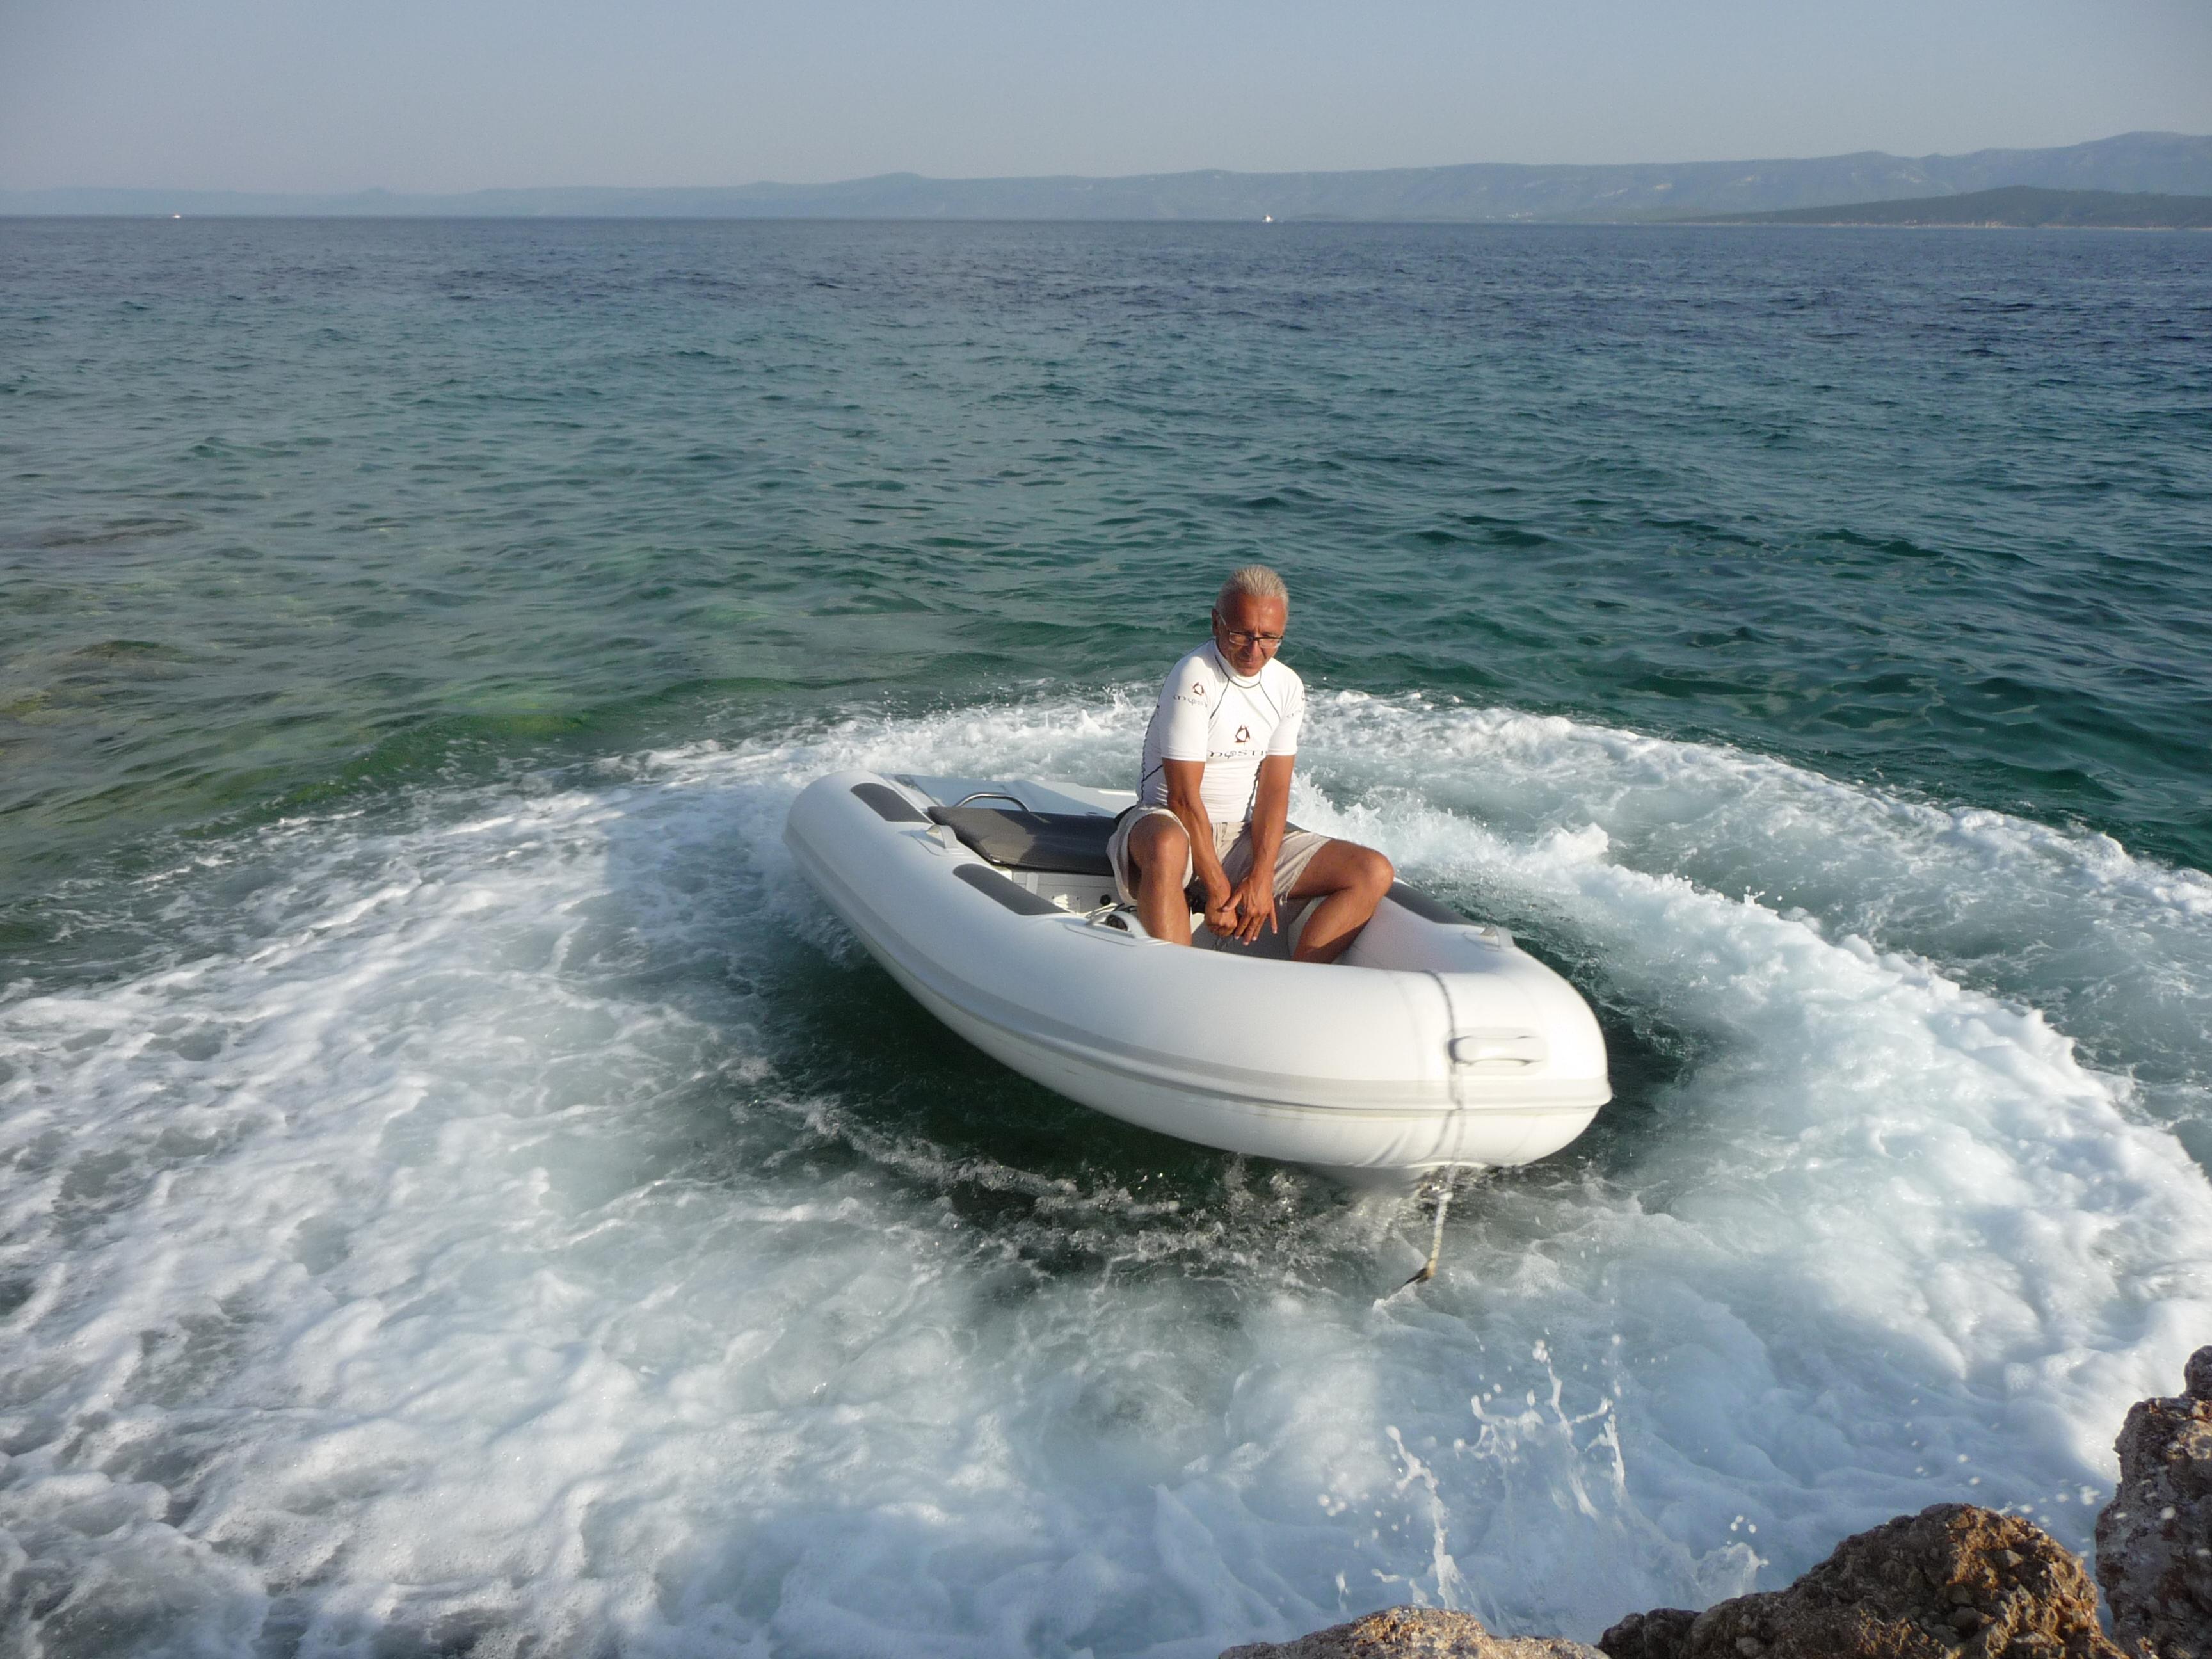 jetTENDER lightest jet power dinghy